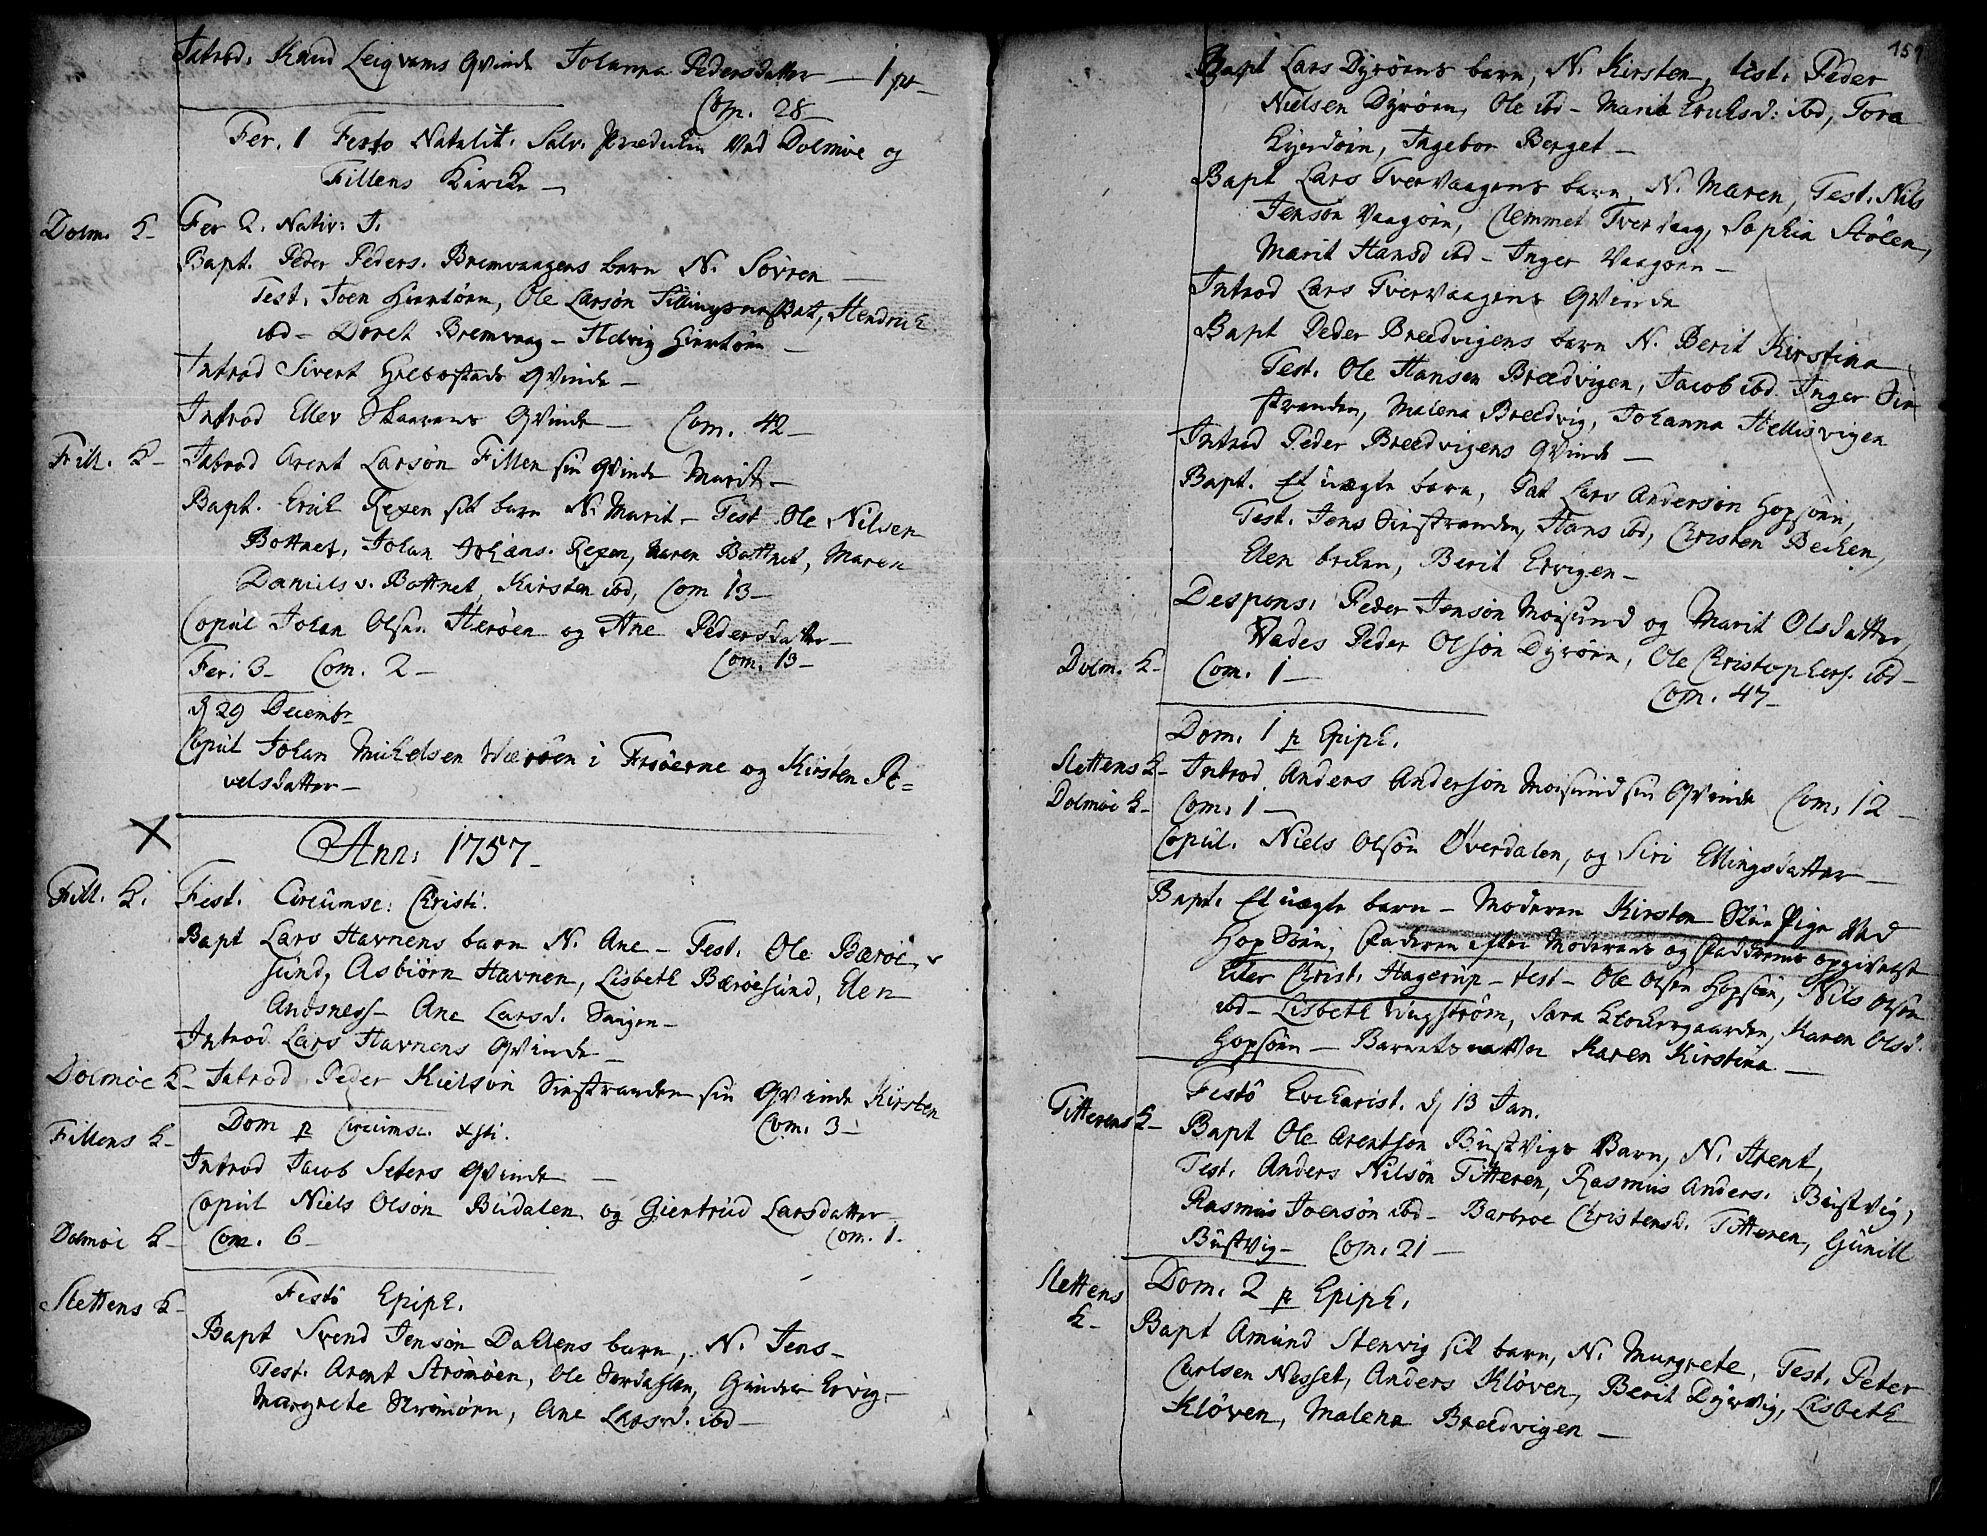 SAT, Ministerialprotokoller, klokkerbøker og fødselsregistre - Sør-Trøndelag, 634/L0525: Ministerialbok nr. 634A01, 1736-1775, s. 151